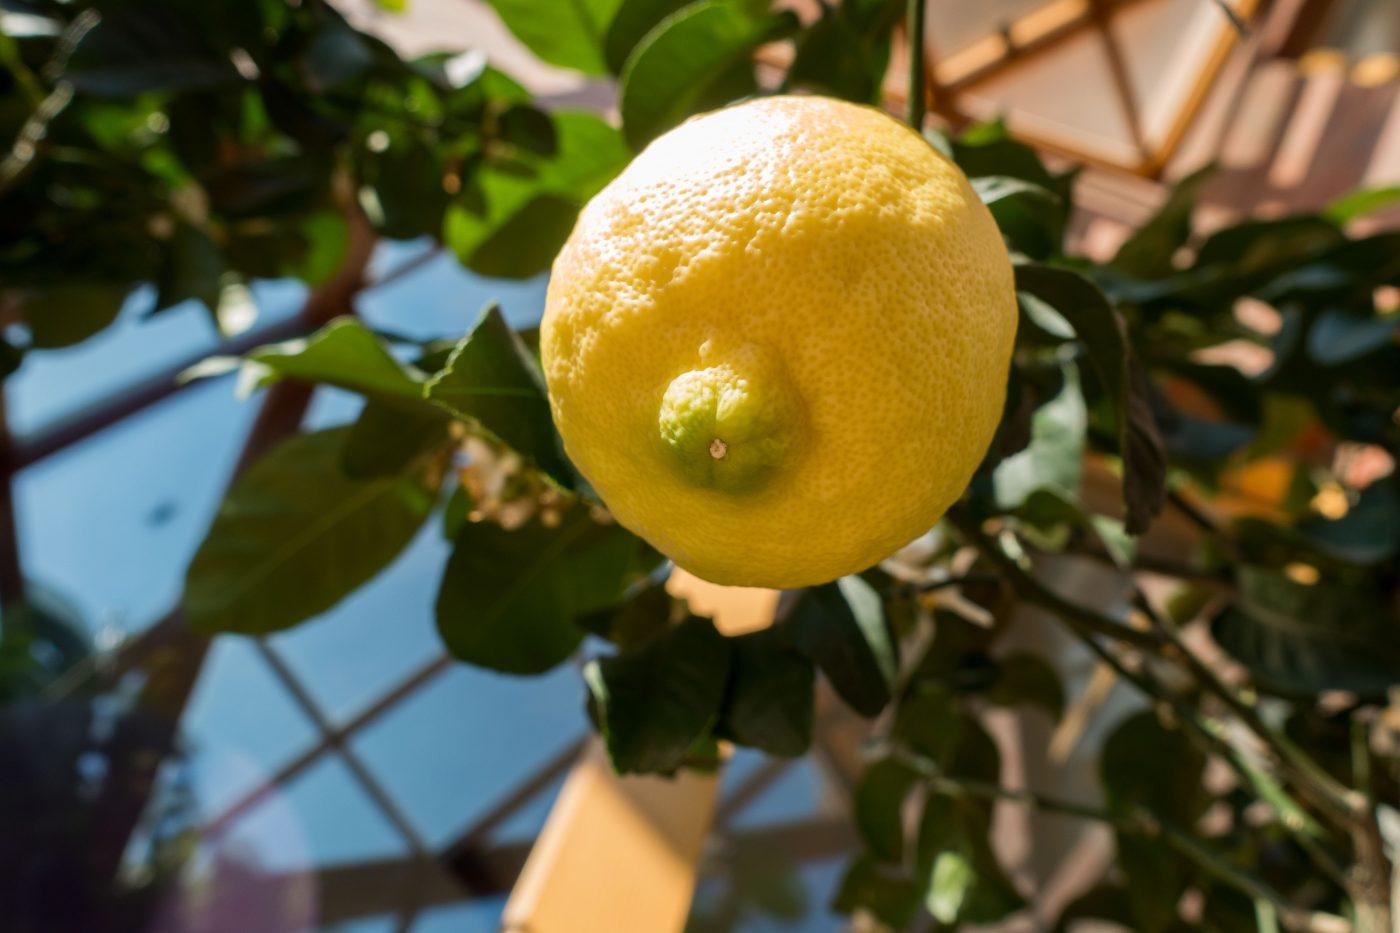 Zitrone am Baum im Wintergarten